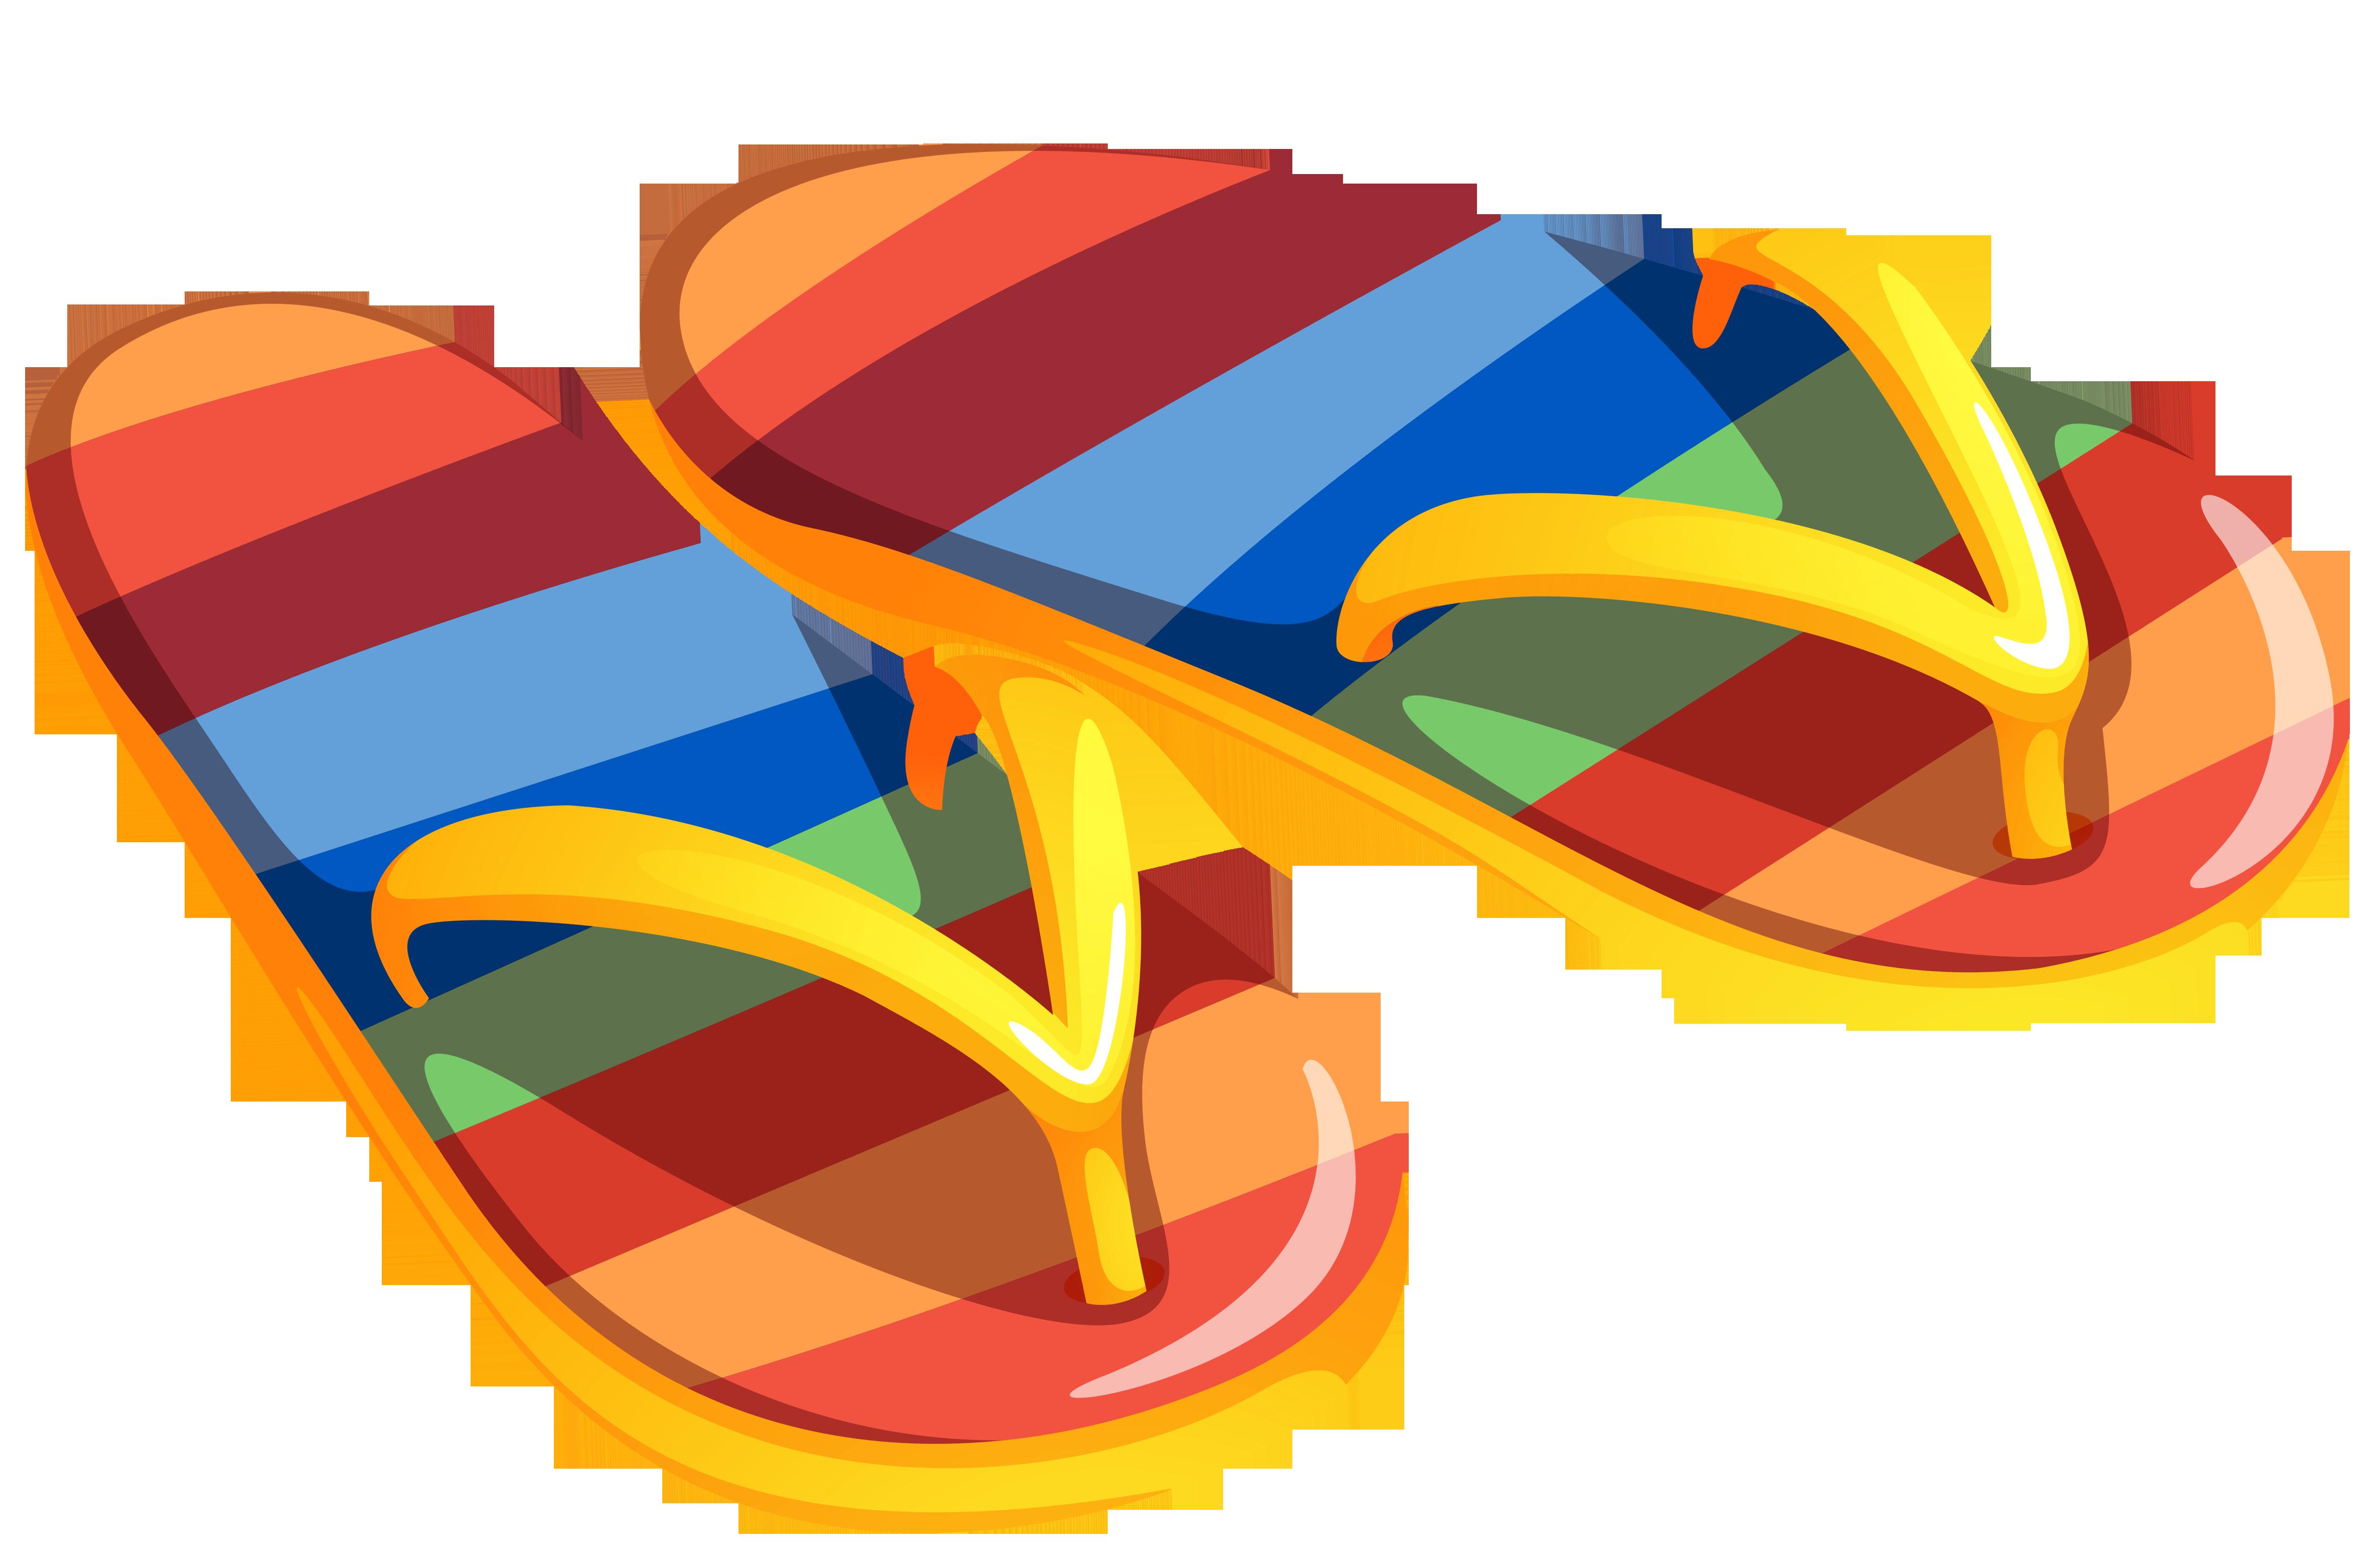 Transparent background clip art flip flop clipart picture free stock Flip-flops Clip art - Vacation Background Cliparts png download ... picture free stock